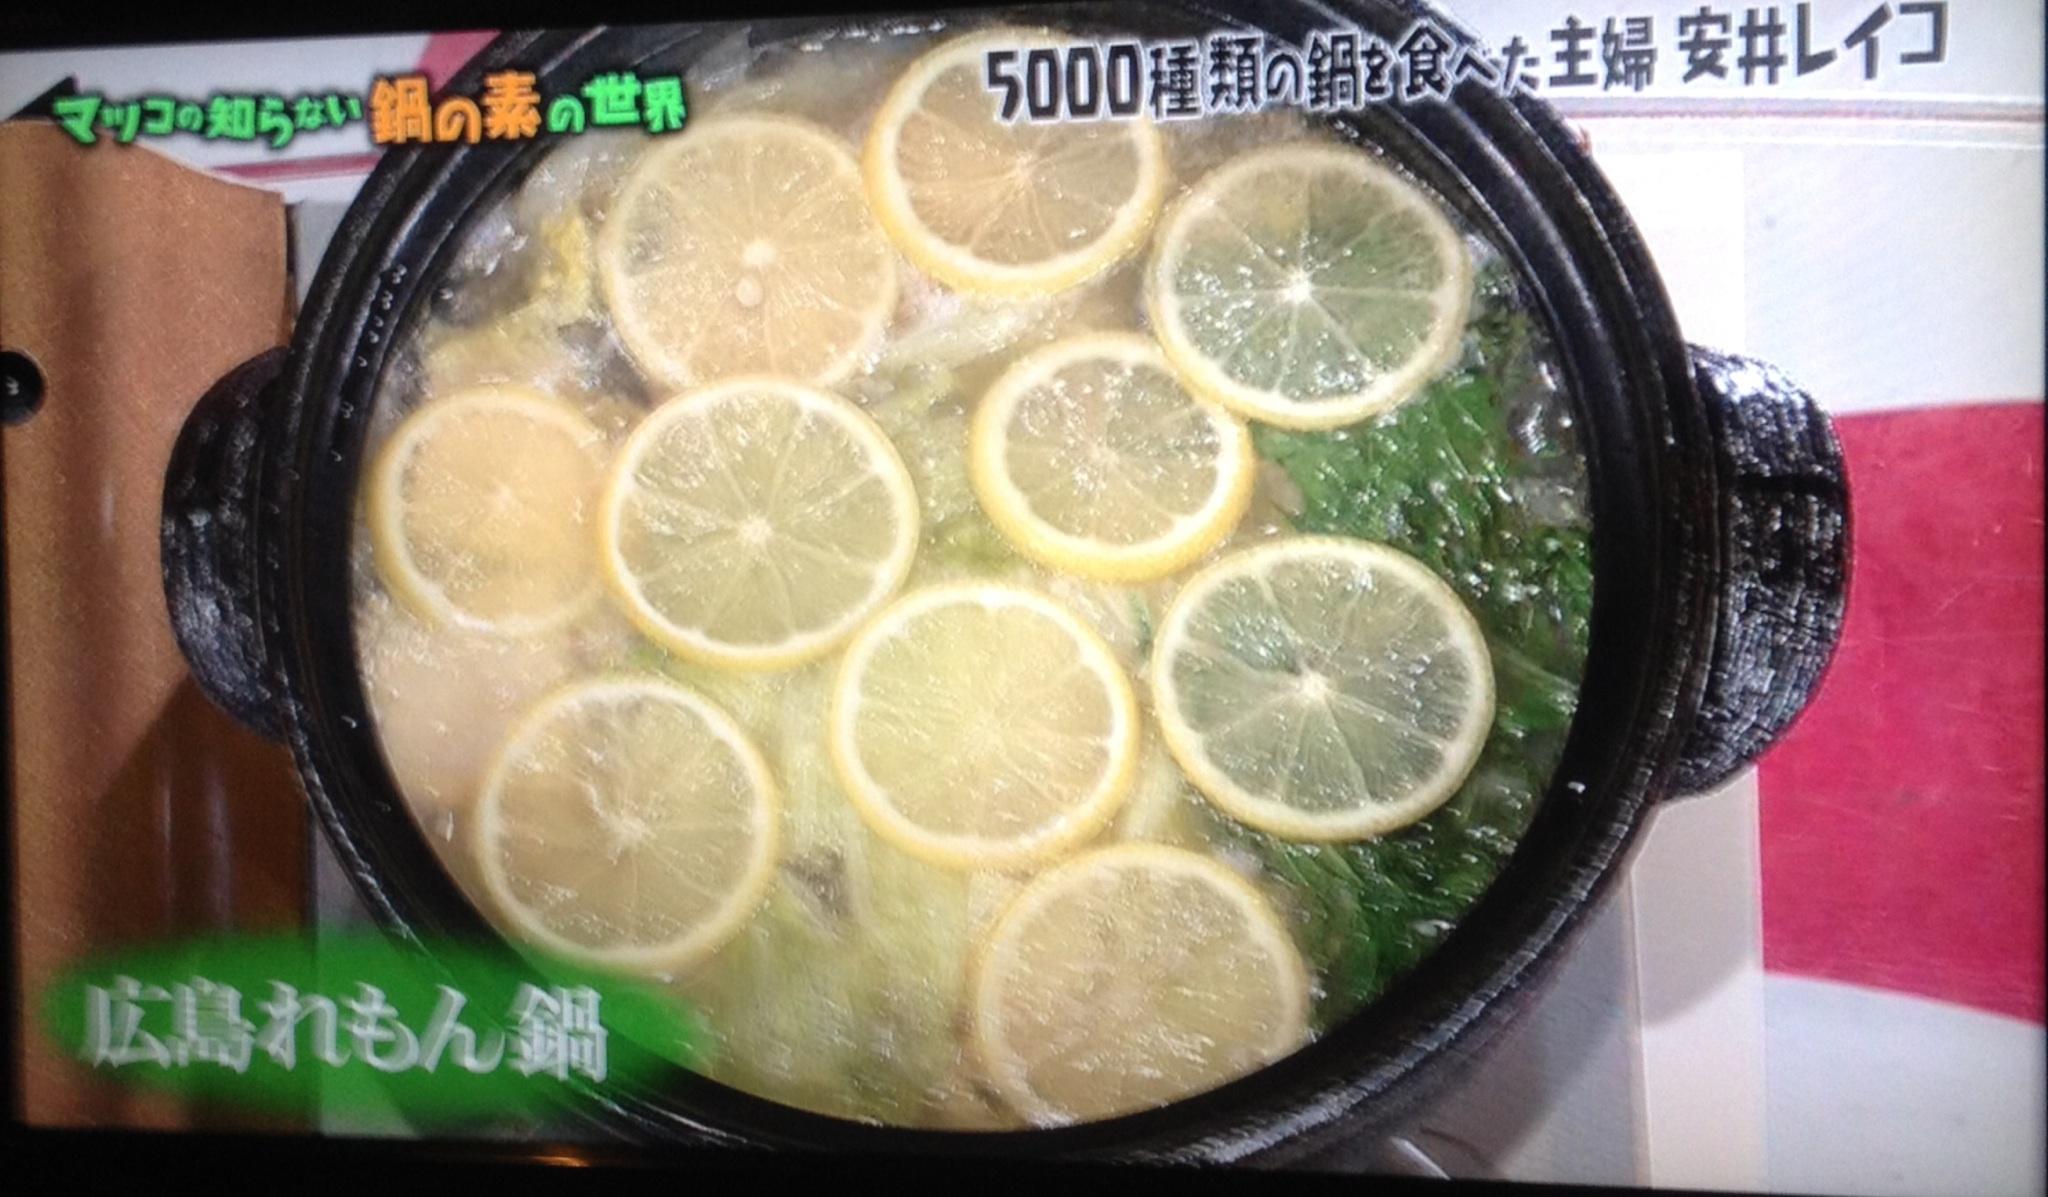 マツコデラックス鍋の素マツコの知らない世界広島レモン鍋0003